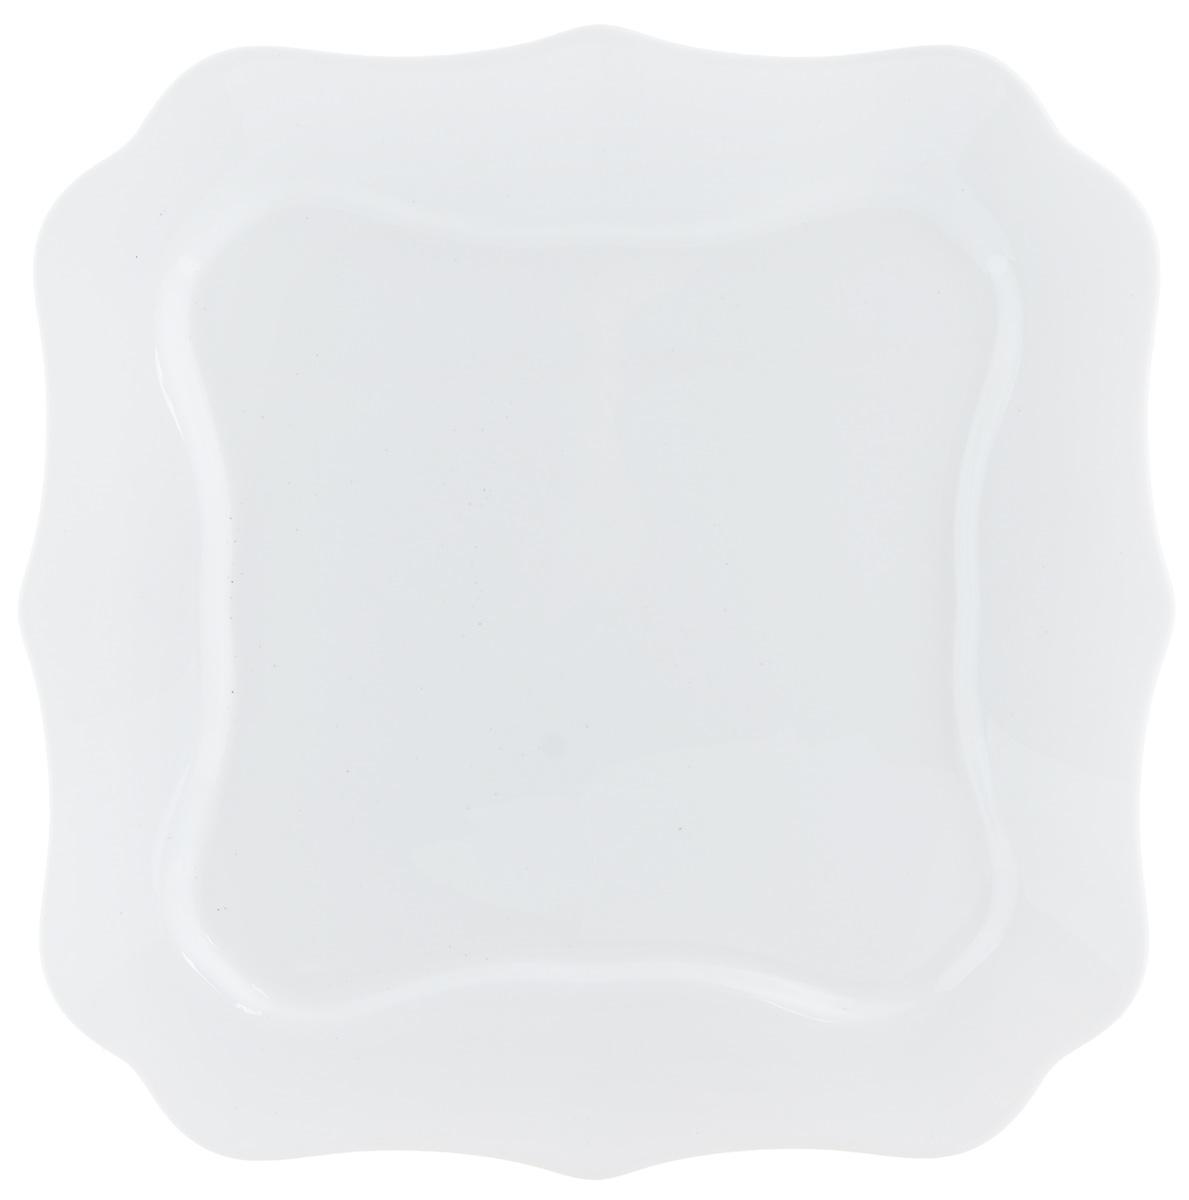 Тарелка обеденная Luminarc, 26 х 26 см54 009312Обеденная тарелка Luminarc, изготовленная из высококачественного стекла, имеет классический дизайн. Такая тарелка идеально подойдет для сервировки стола и станет отличным подарком к любому празднику.Размер (по верхнему краю): 26 х 26 см.